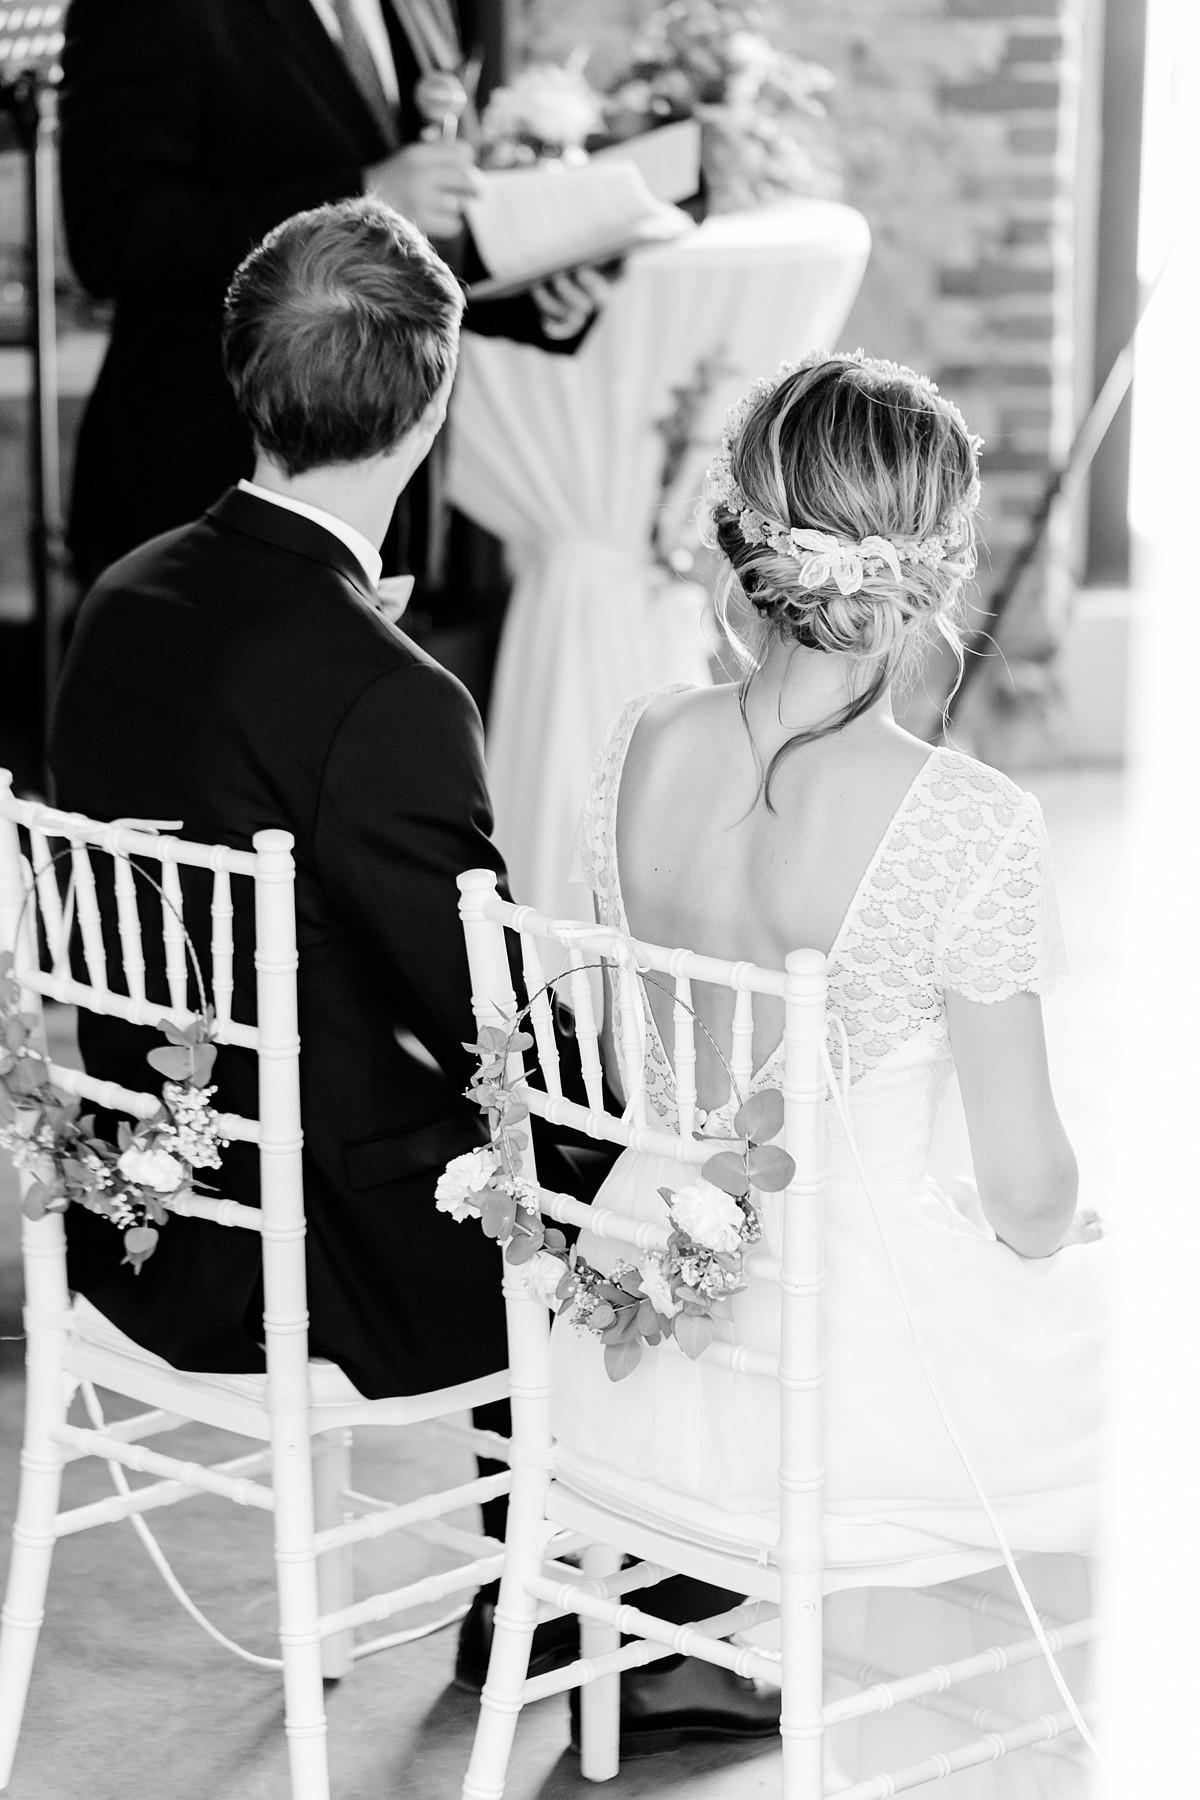 Hochzeitsfotograf-Bielefeld-Freie-Trauung-Hof-Steffen-Marco-Hüther_0017